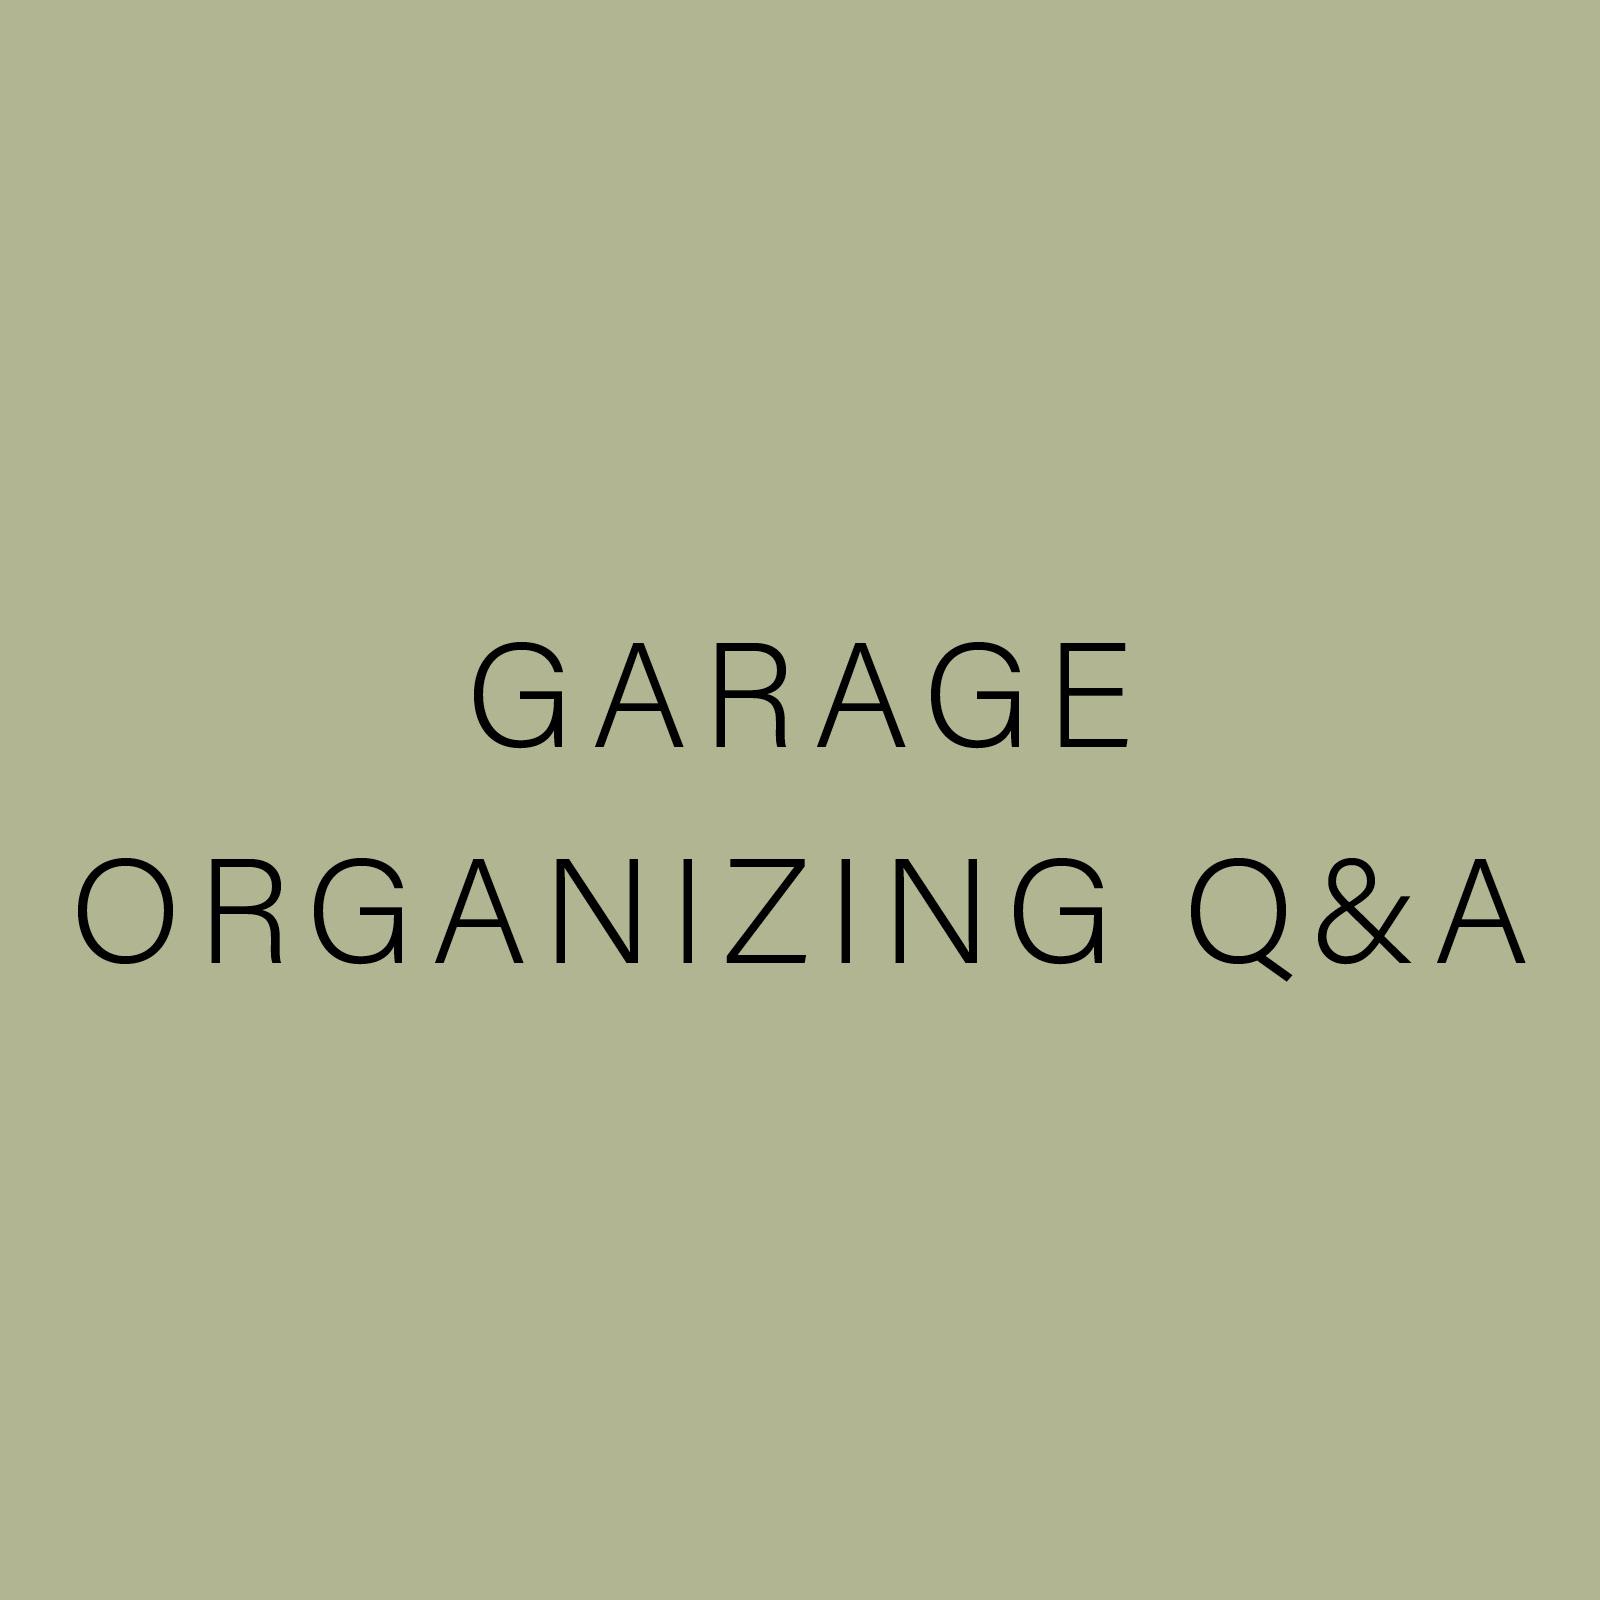 Garage Organizing QA.jpg